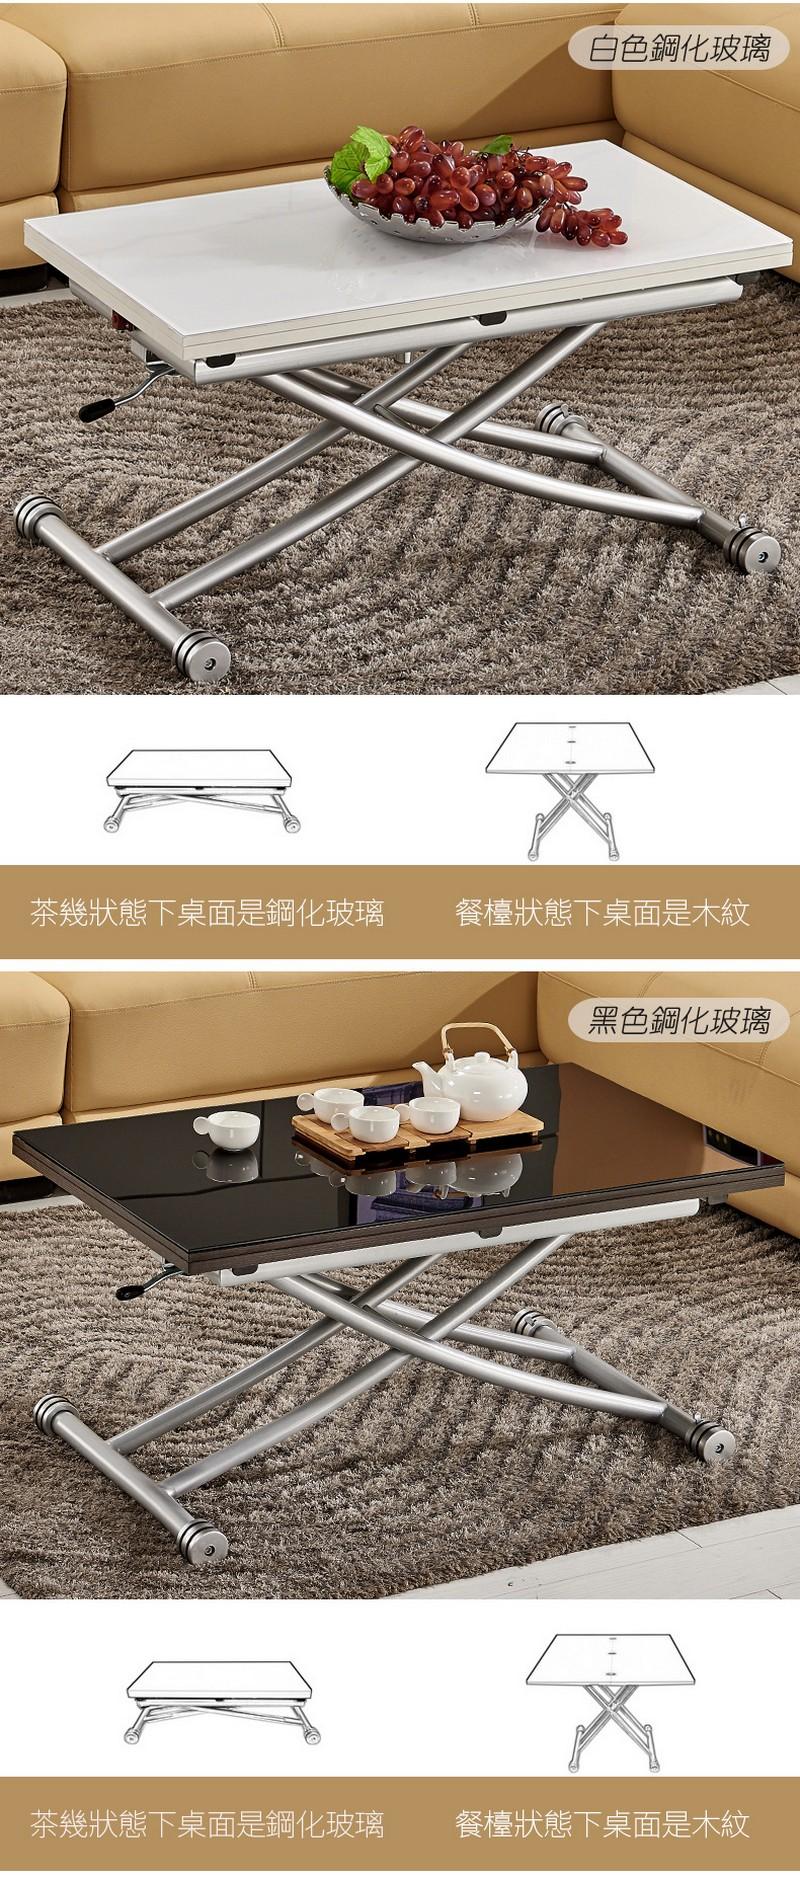 MR多功能升降茶機餐桌 MR-N4啡色木紋